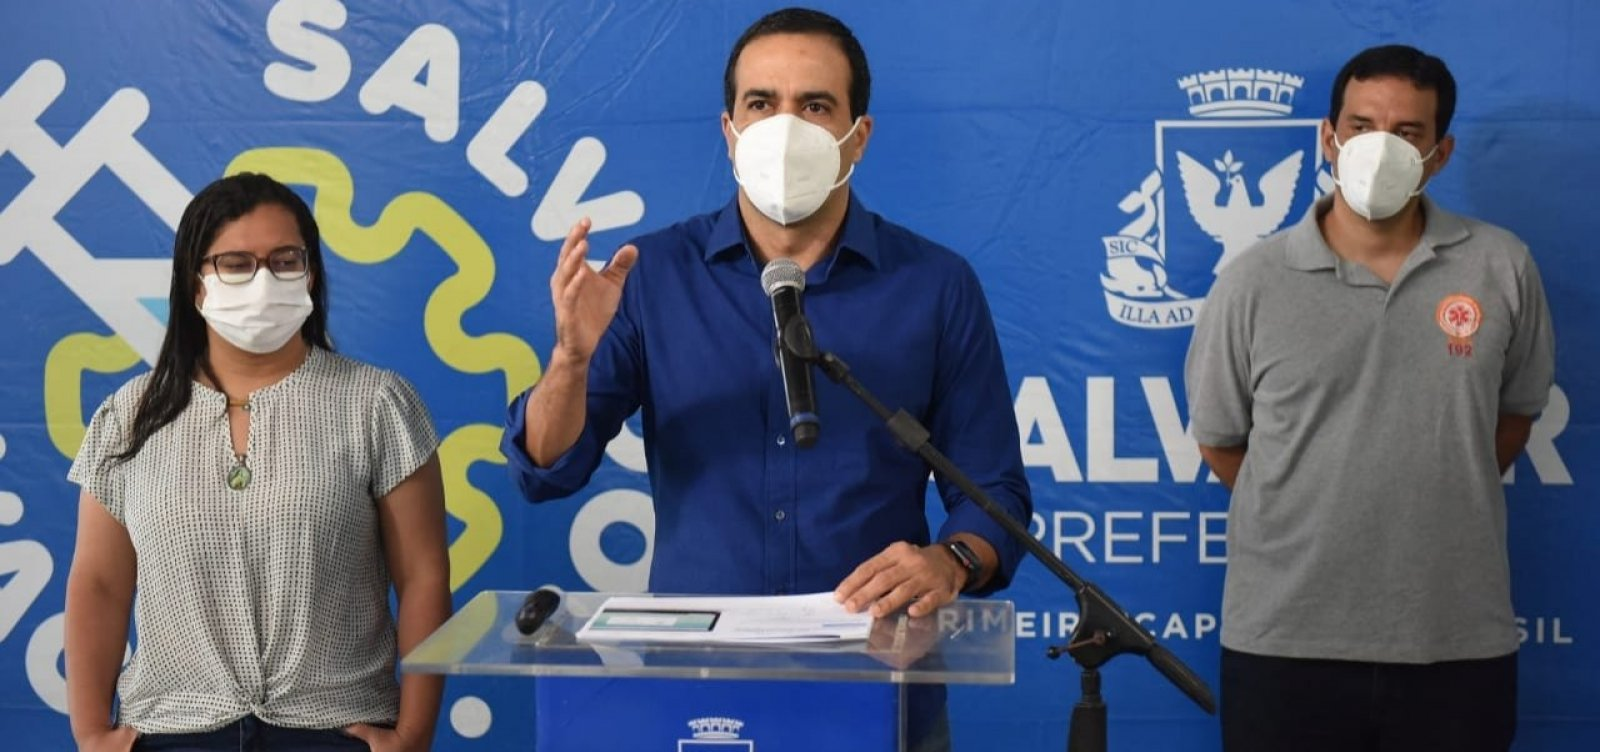 Atraso da segunda dose diminui, mas 7 mil ainda não tomaram reforço em Salvador